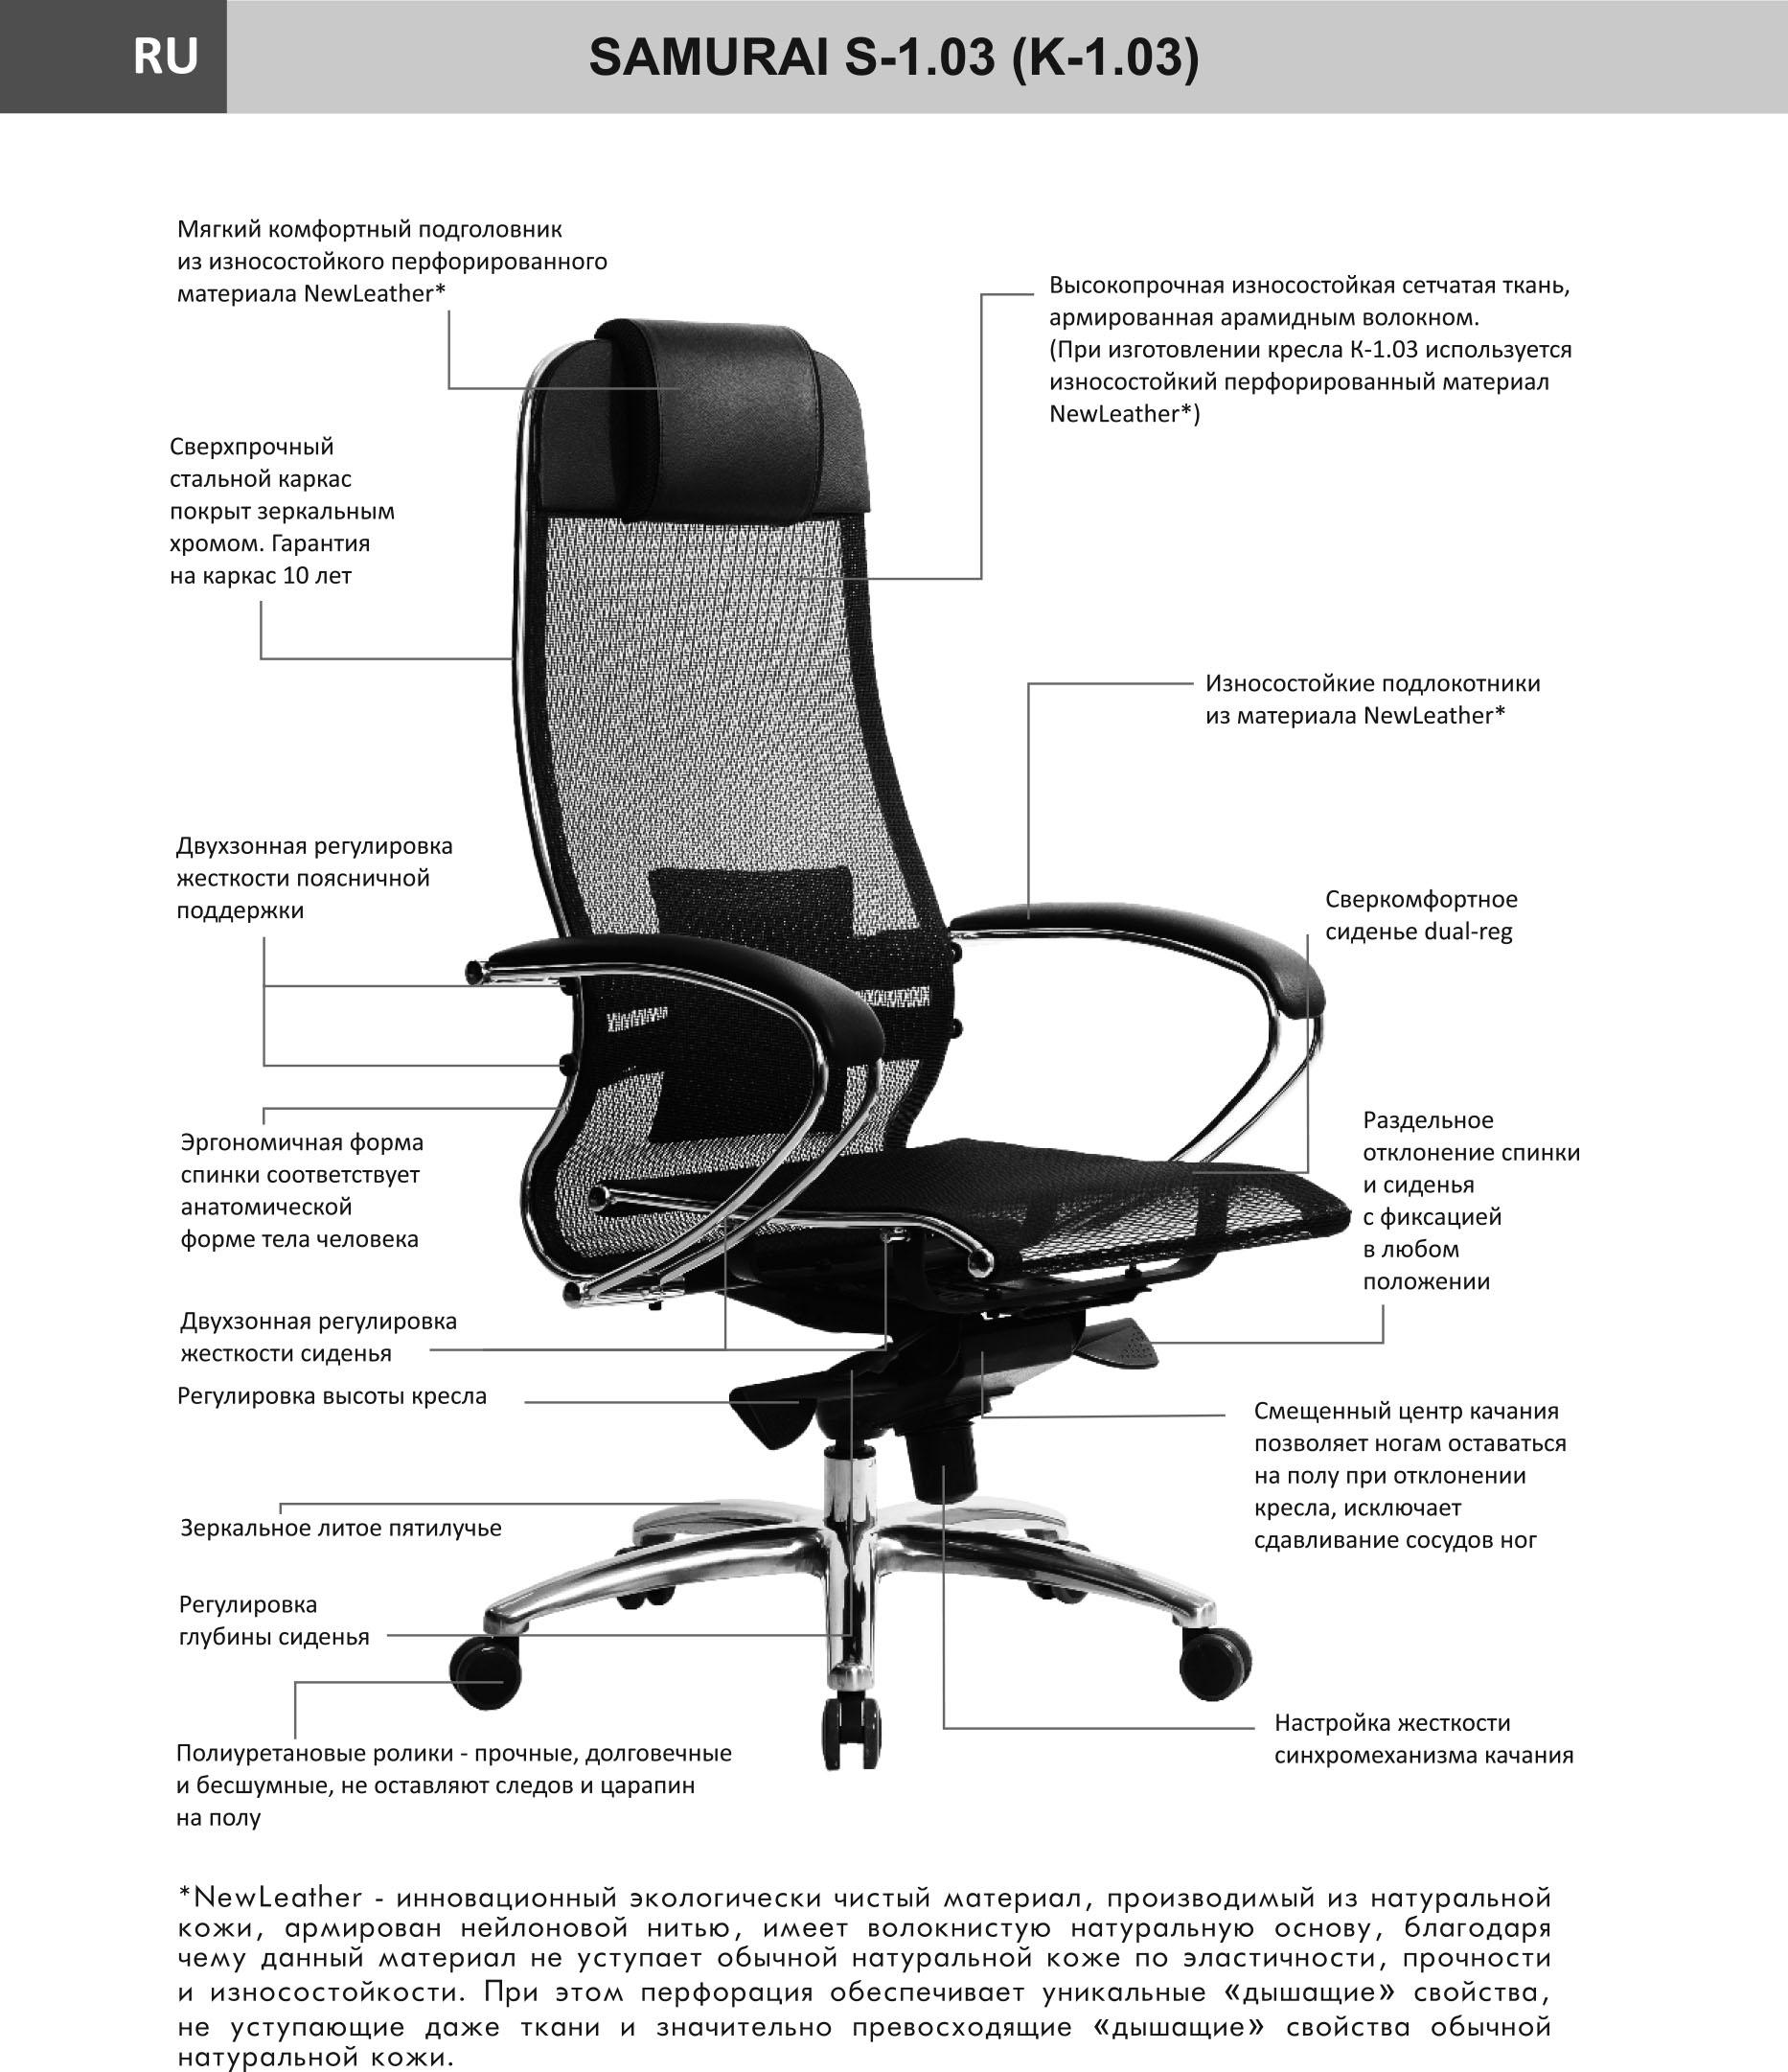 Инструкция по сборке кресла Samurai S-1.03 (K-1.03)